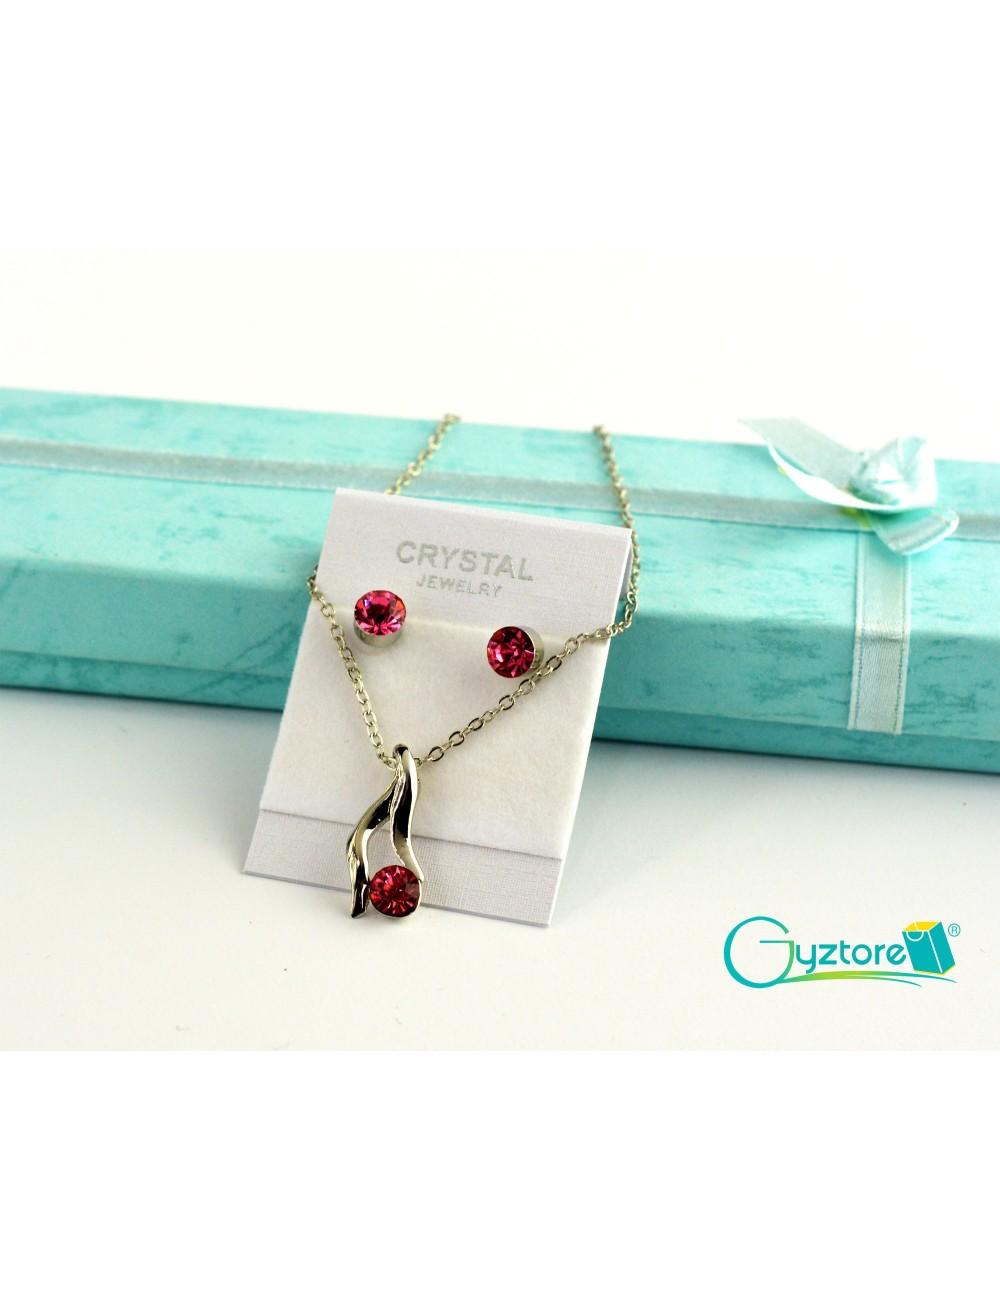 Set de joyería Bridal color plateado con dije de cristal rojo